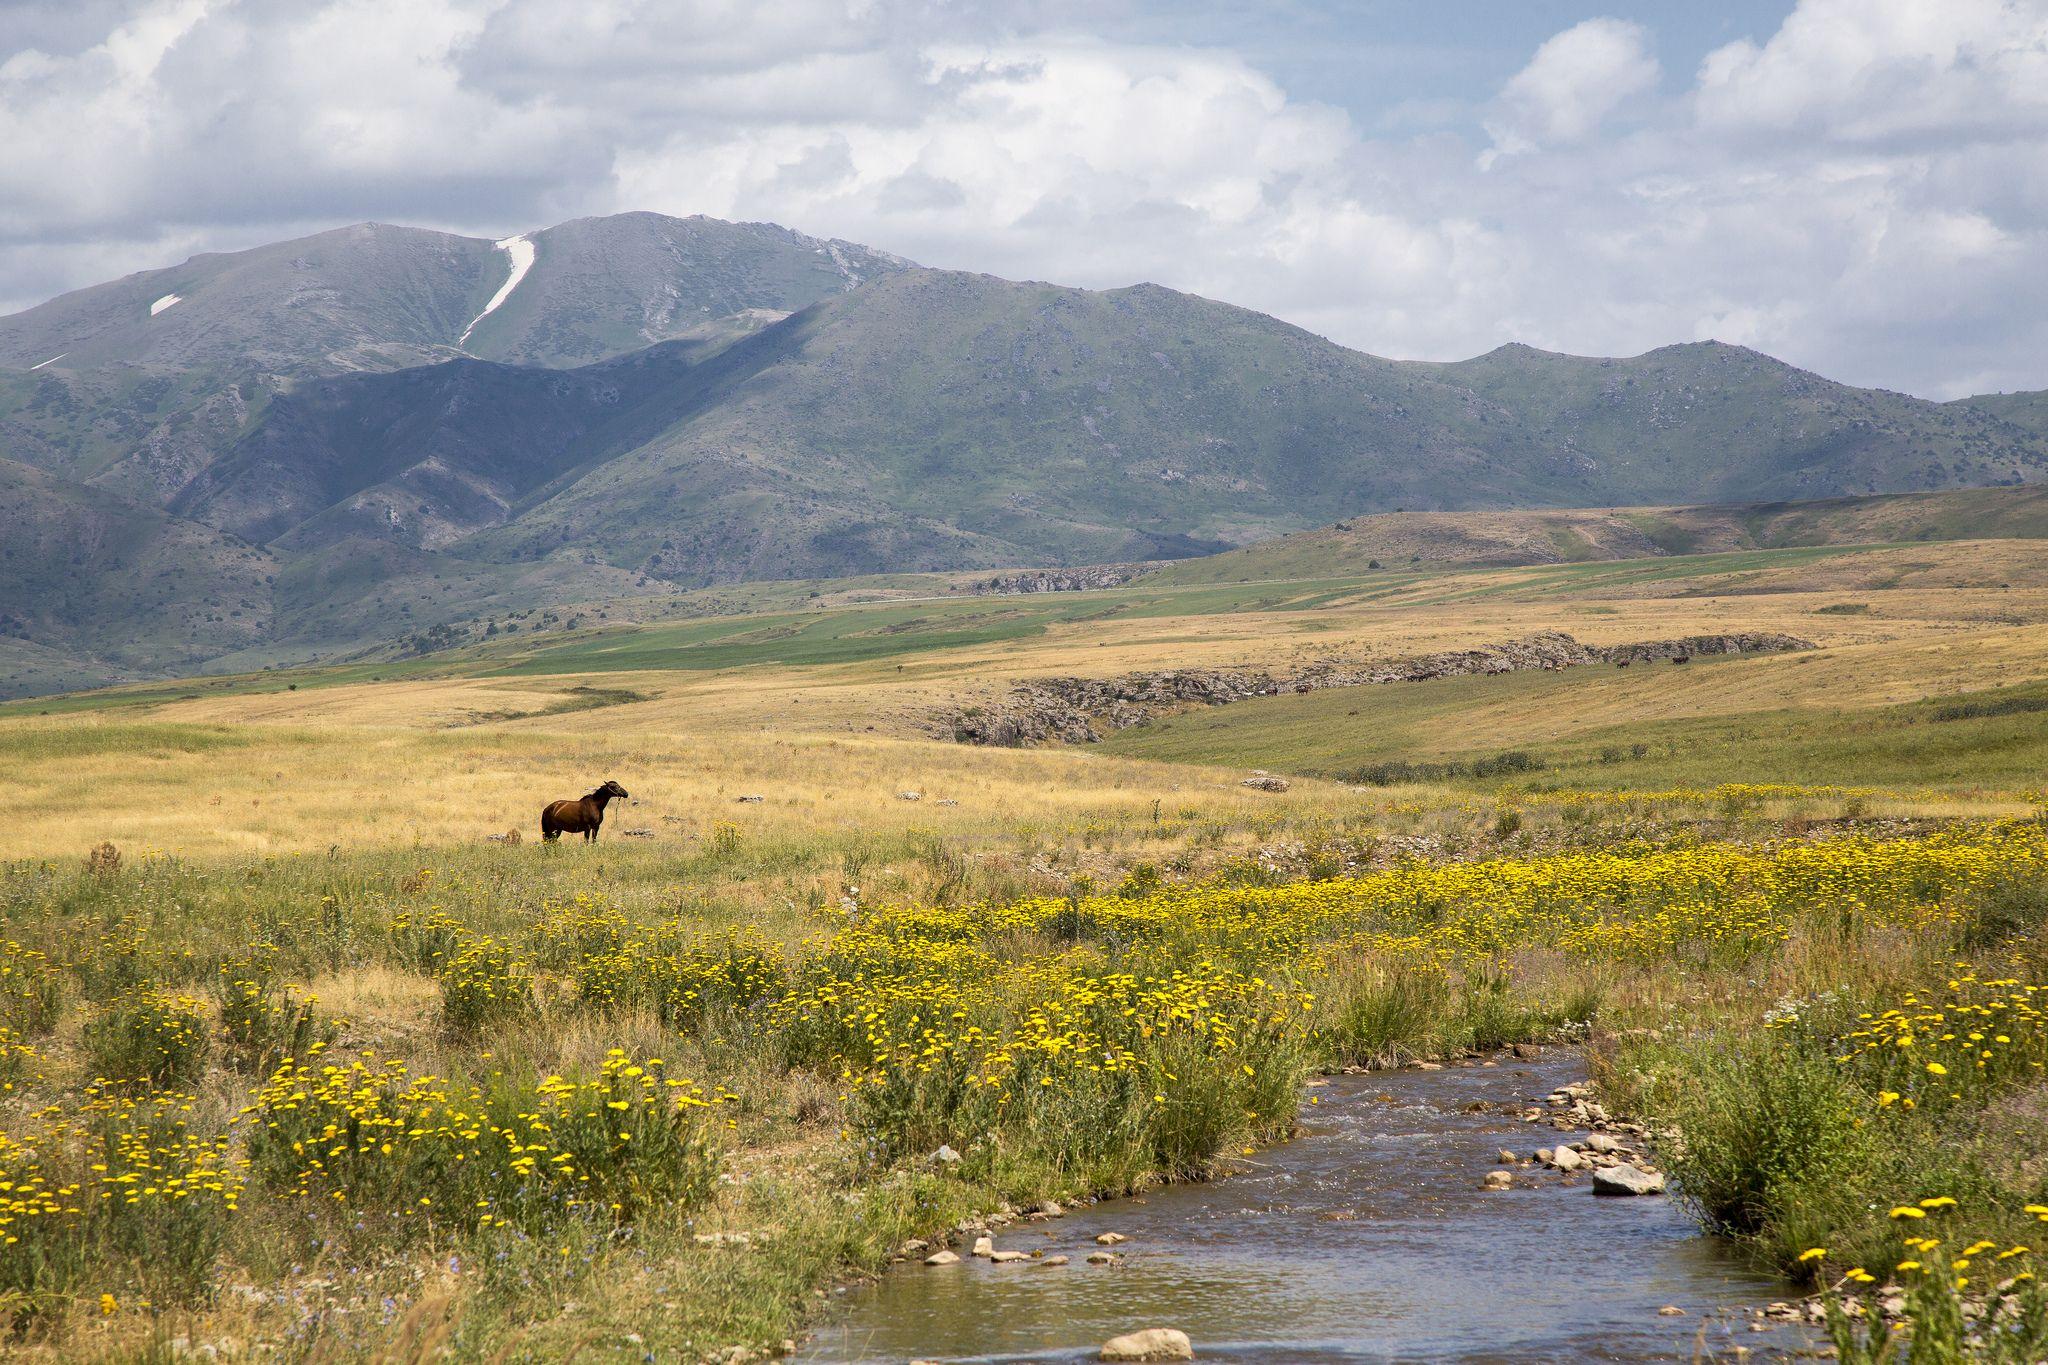 https://flic.kr/p/fnqZhK   Aksu-Zhabagyly Nature Reserve, Kazakhstan   Along the Kyrgyz and Uzbek borders east of Shymkent.